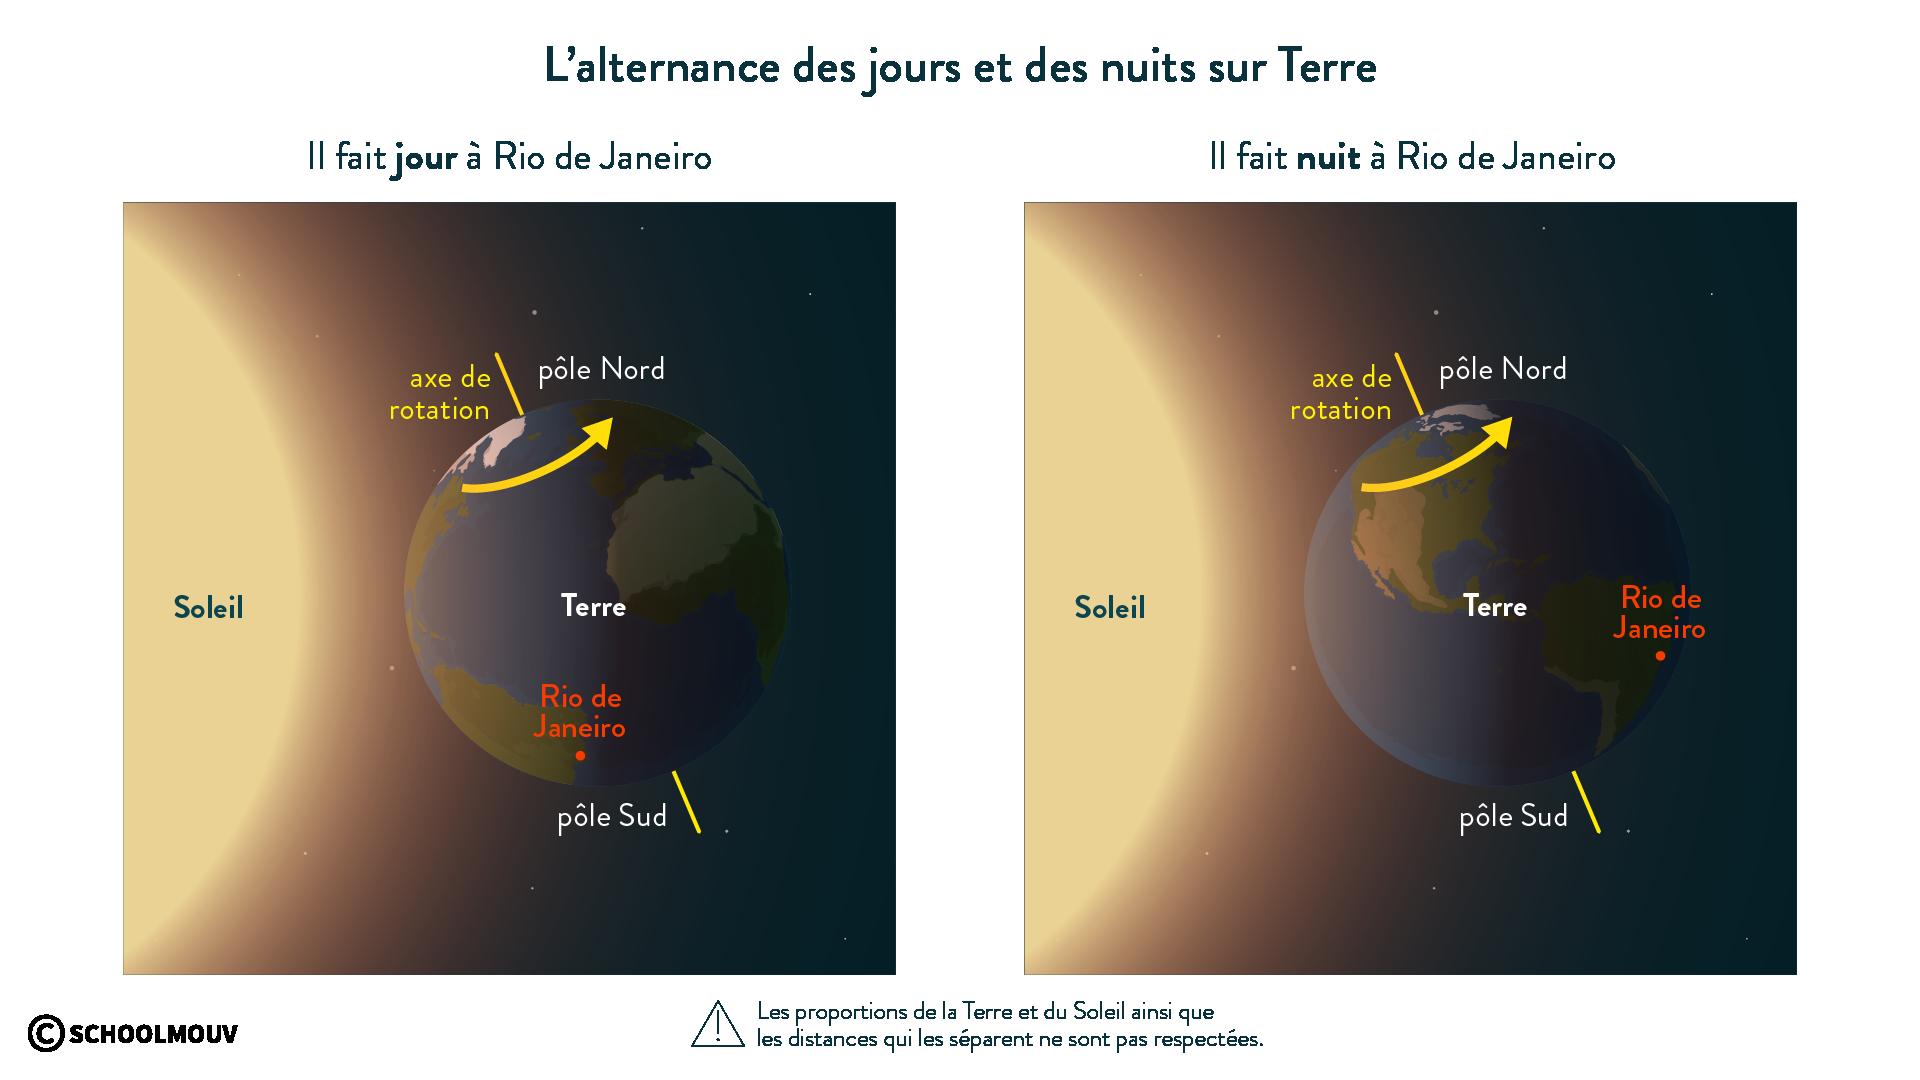 Alternance des jours et de nuits sur Terre-svt-6e-schoolmouv